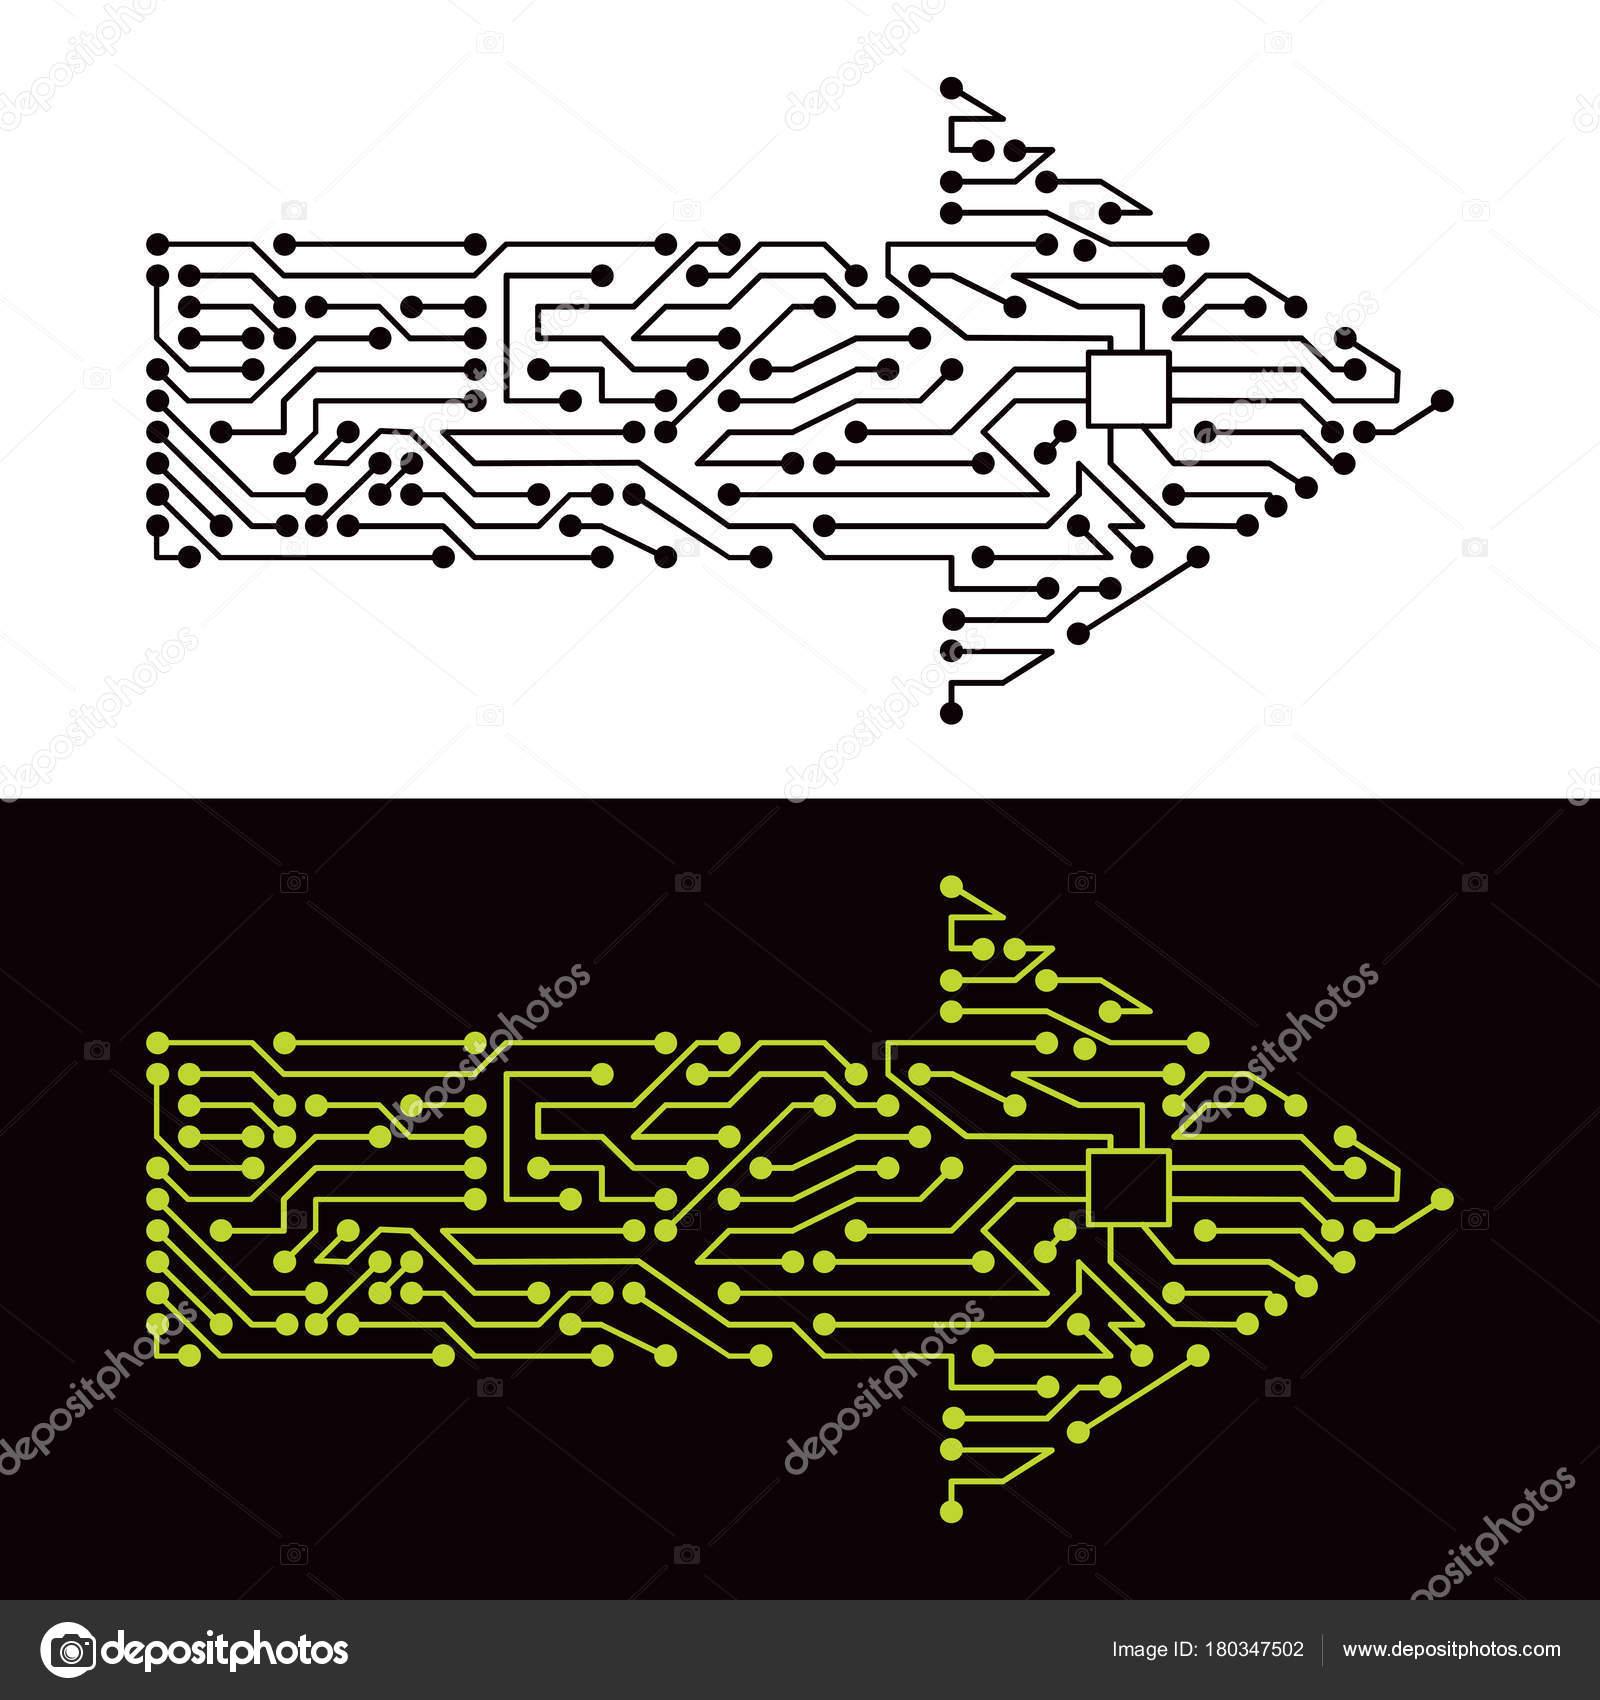 Elektrische Schema Der Pfeil Symbol — Stockvektor © oxygen64 #180347502